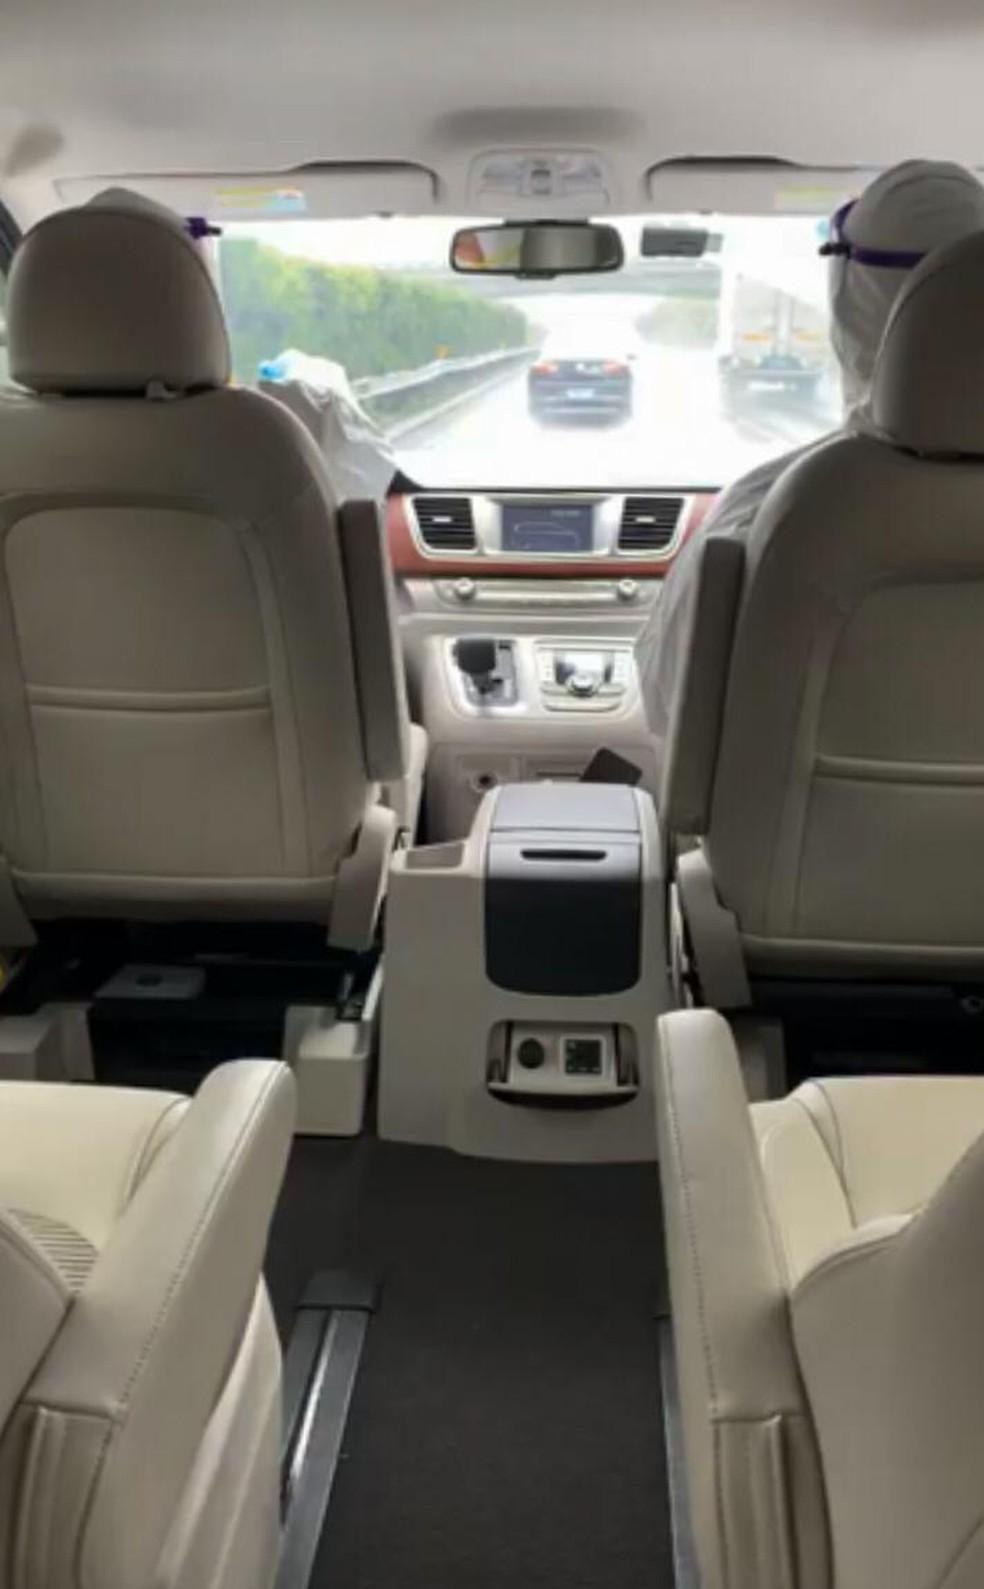 Carro em que Camila Martins foi transportada para a base do Governo, na China — Foto: Arquivo Pessoal